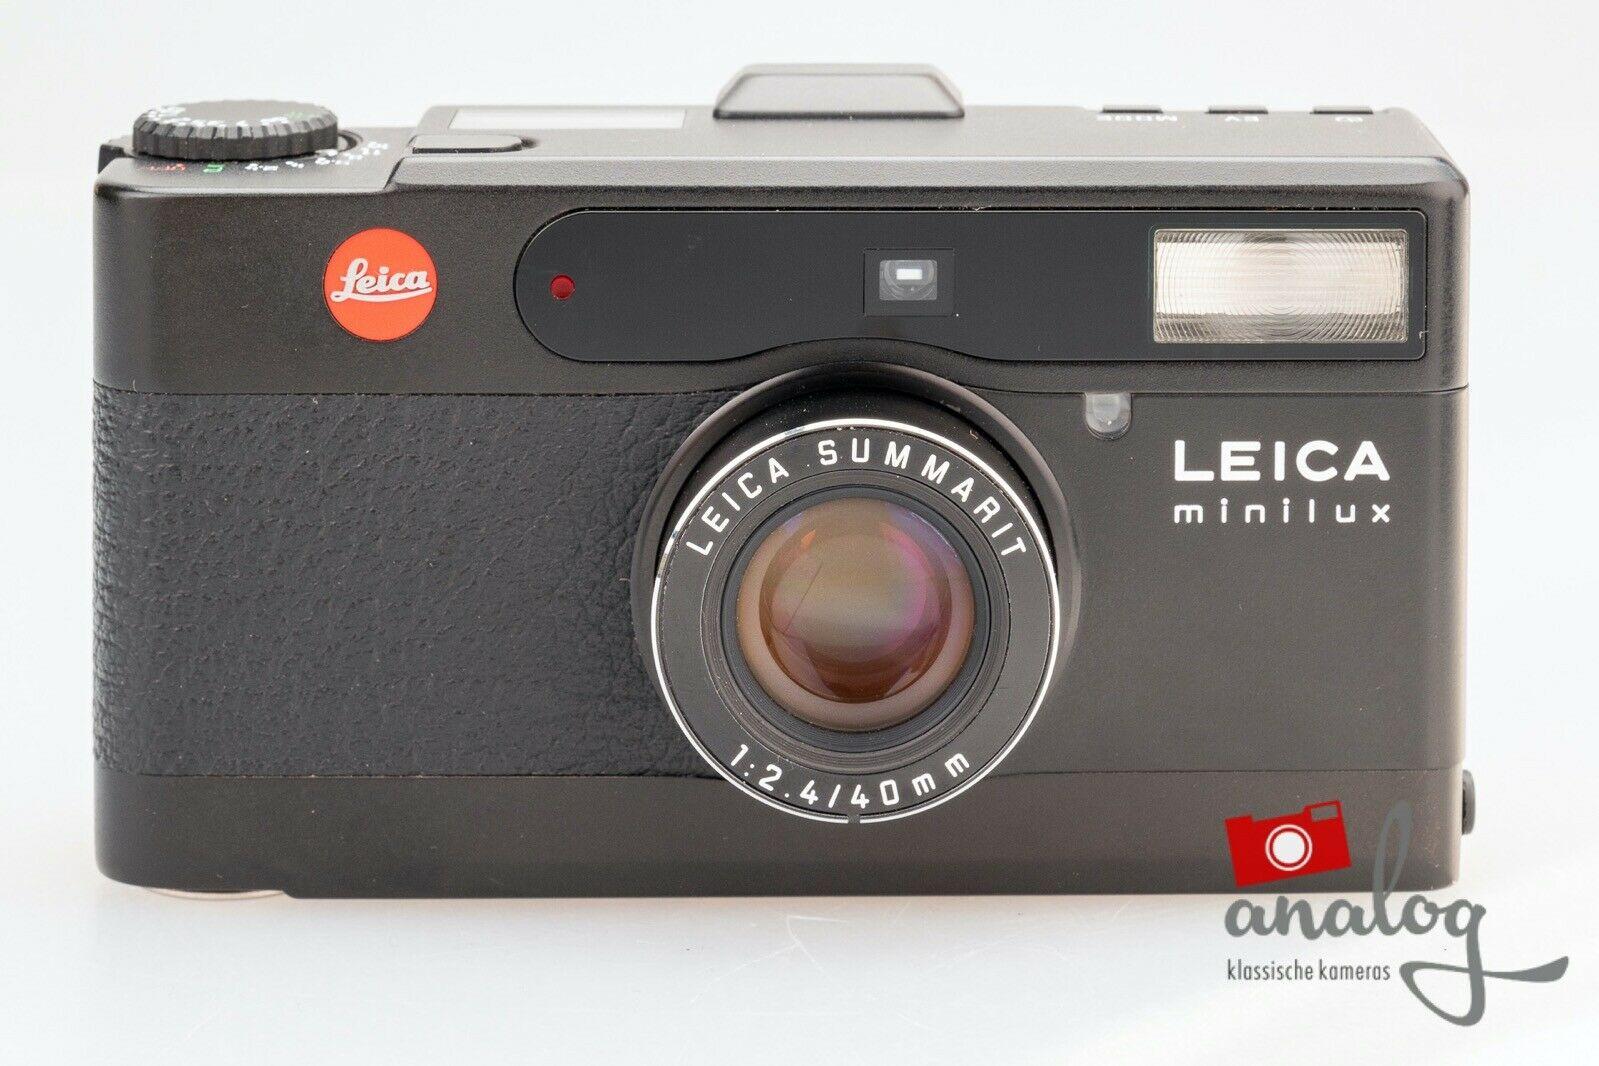 Leica Minilux schwarz Summarit 40mm 2.4